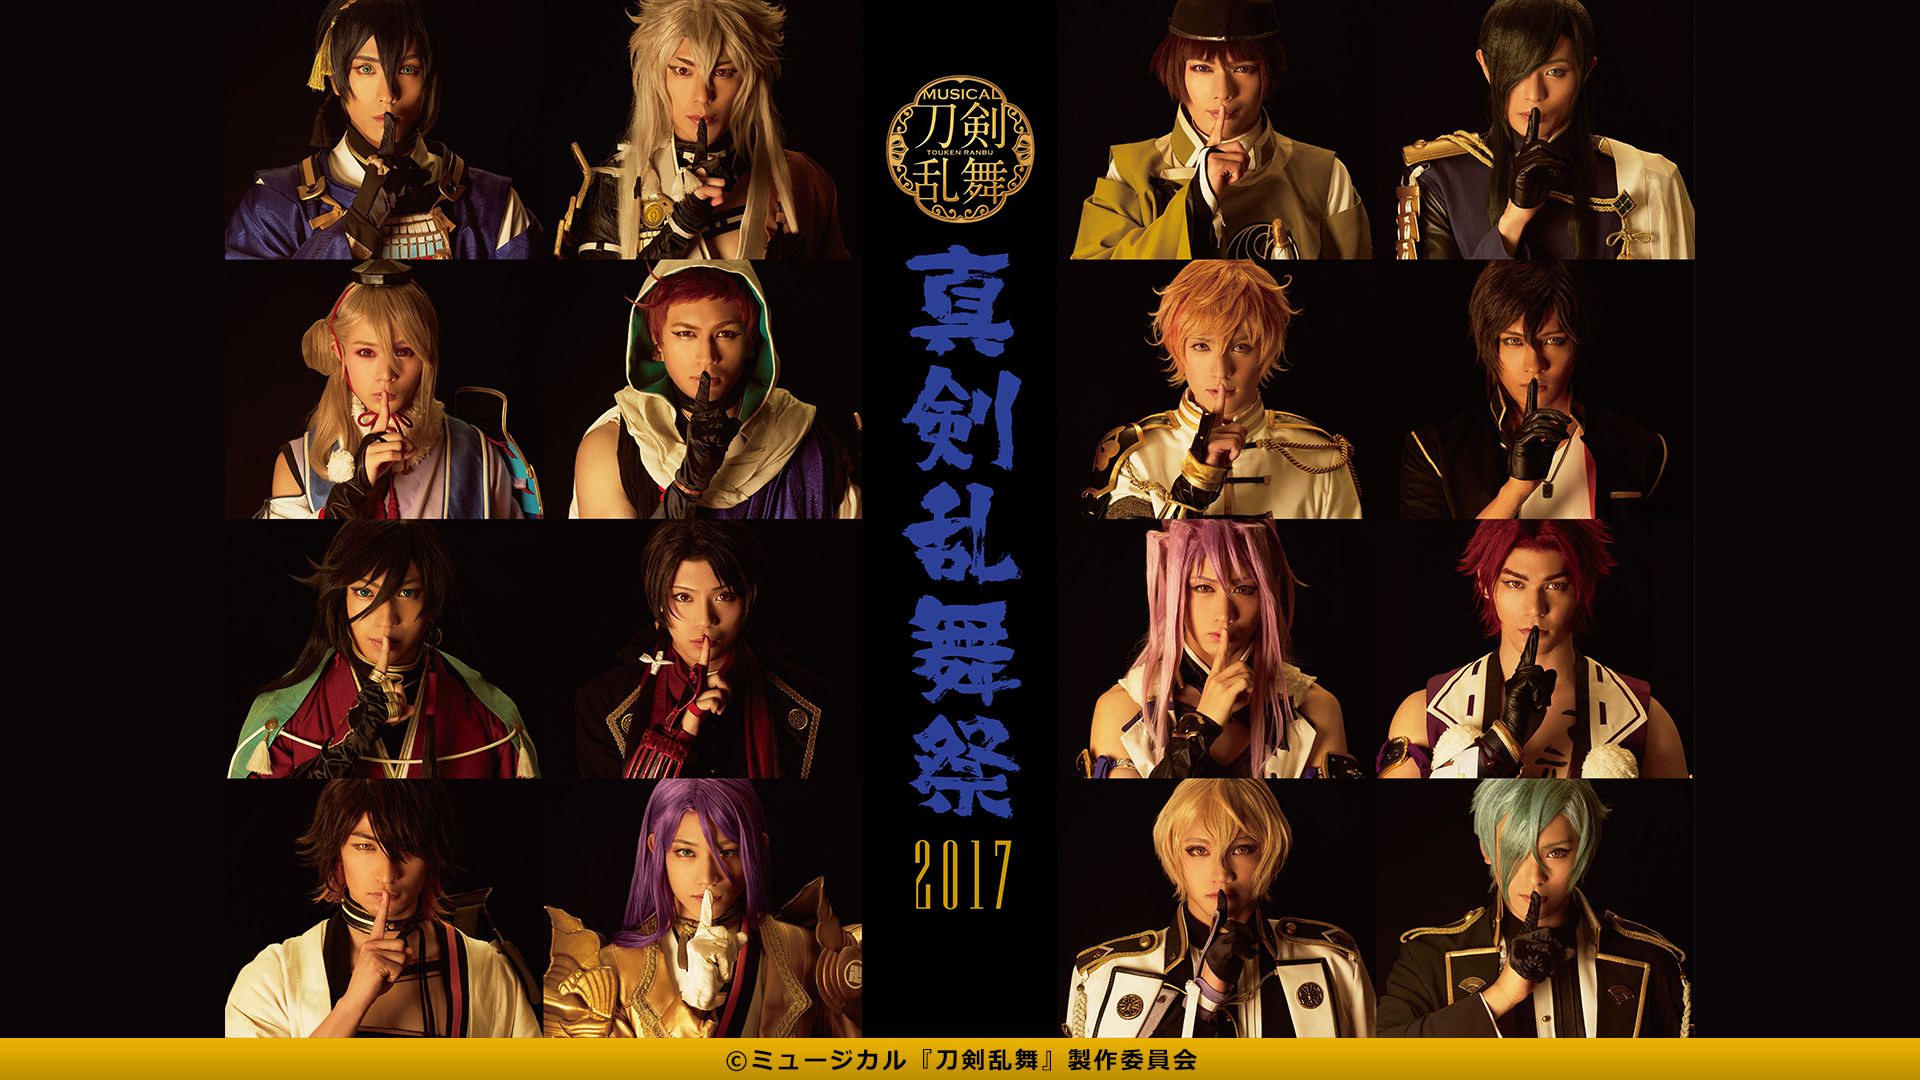 ミュージカル『刀剣乱舞』 ~真剣乱舞祭2017~(dアニメストア)